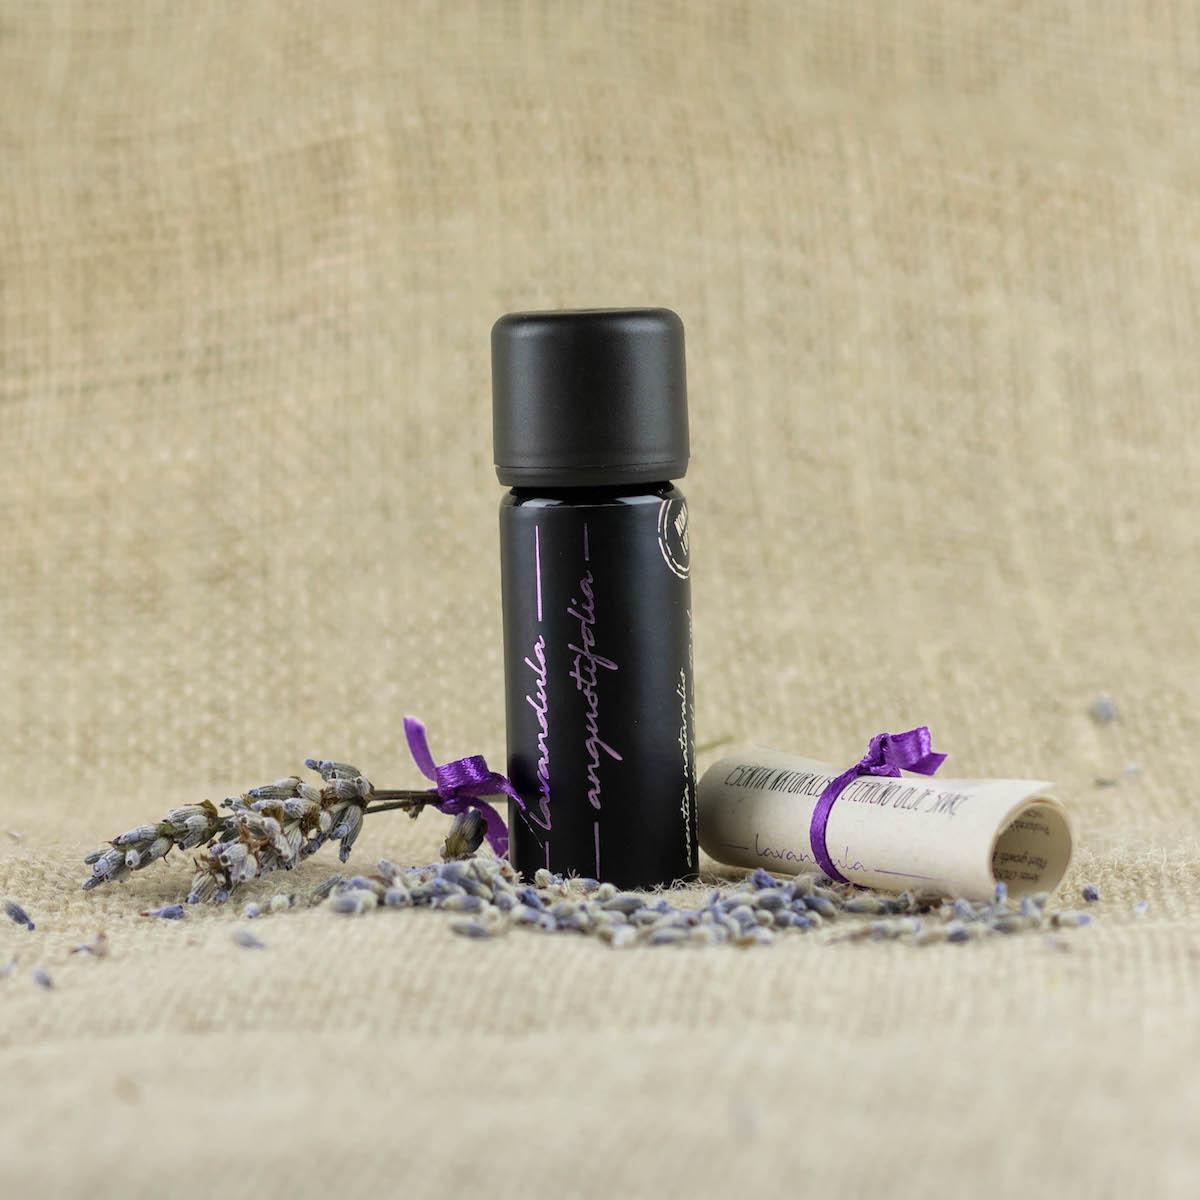 vsa naravna kozmetika in izdelki nona luisa